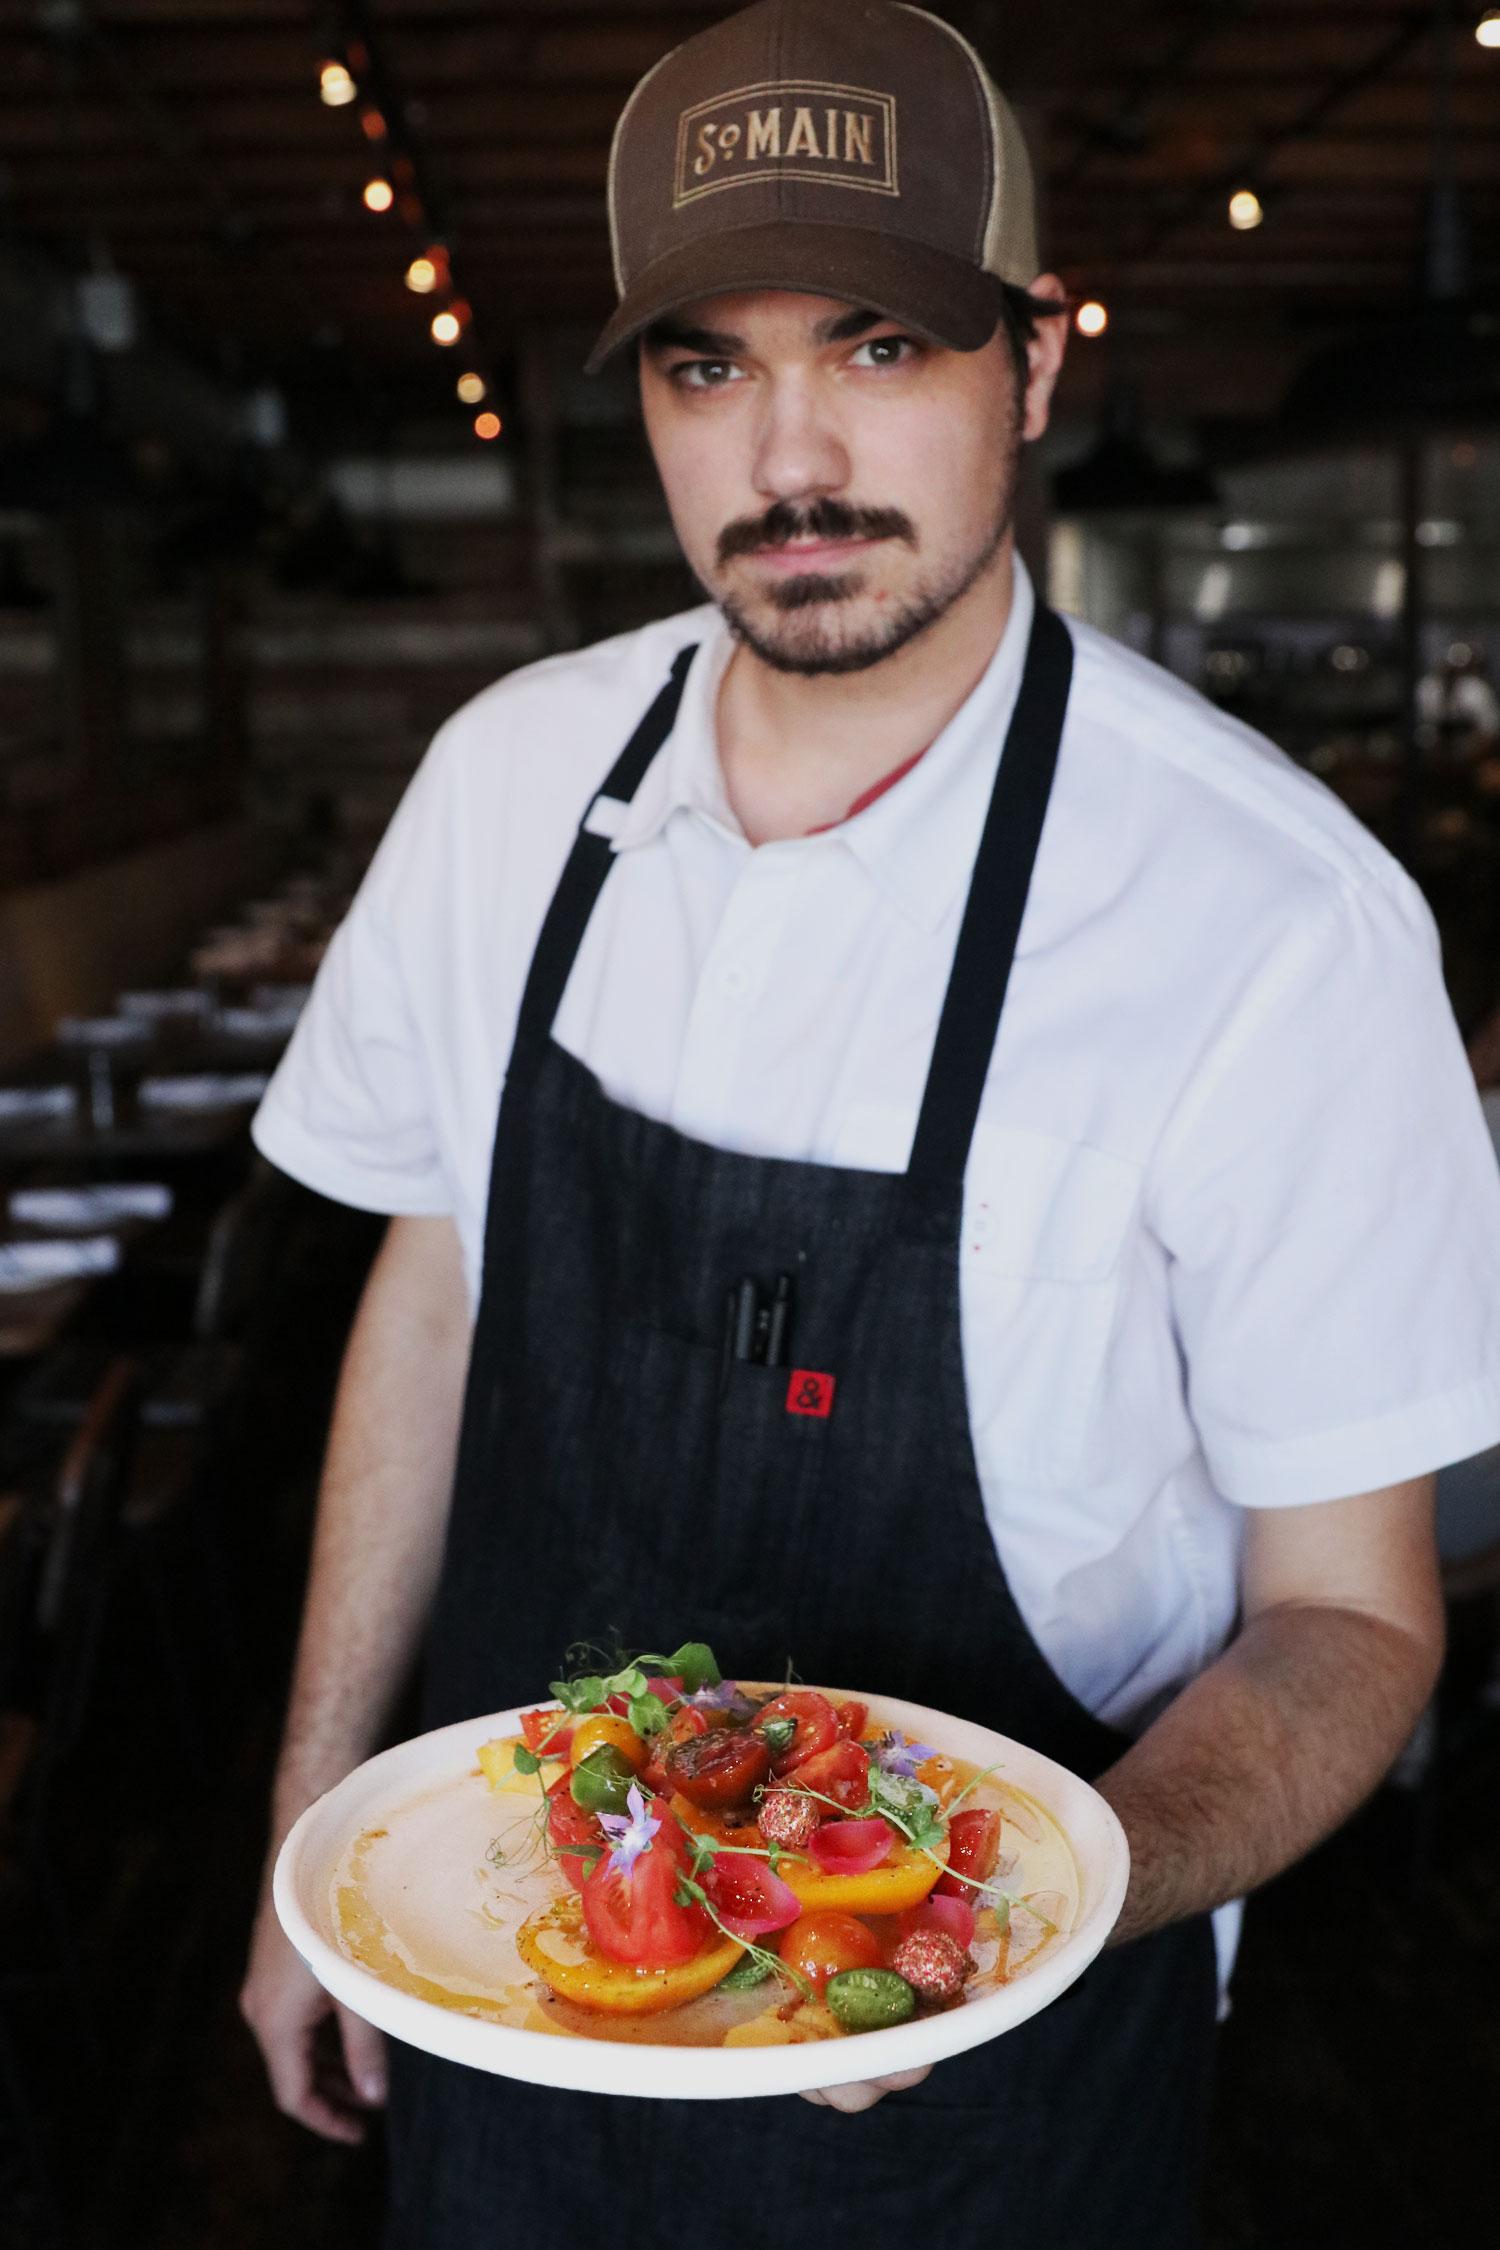 Heirloom Tomato Plate